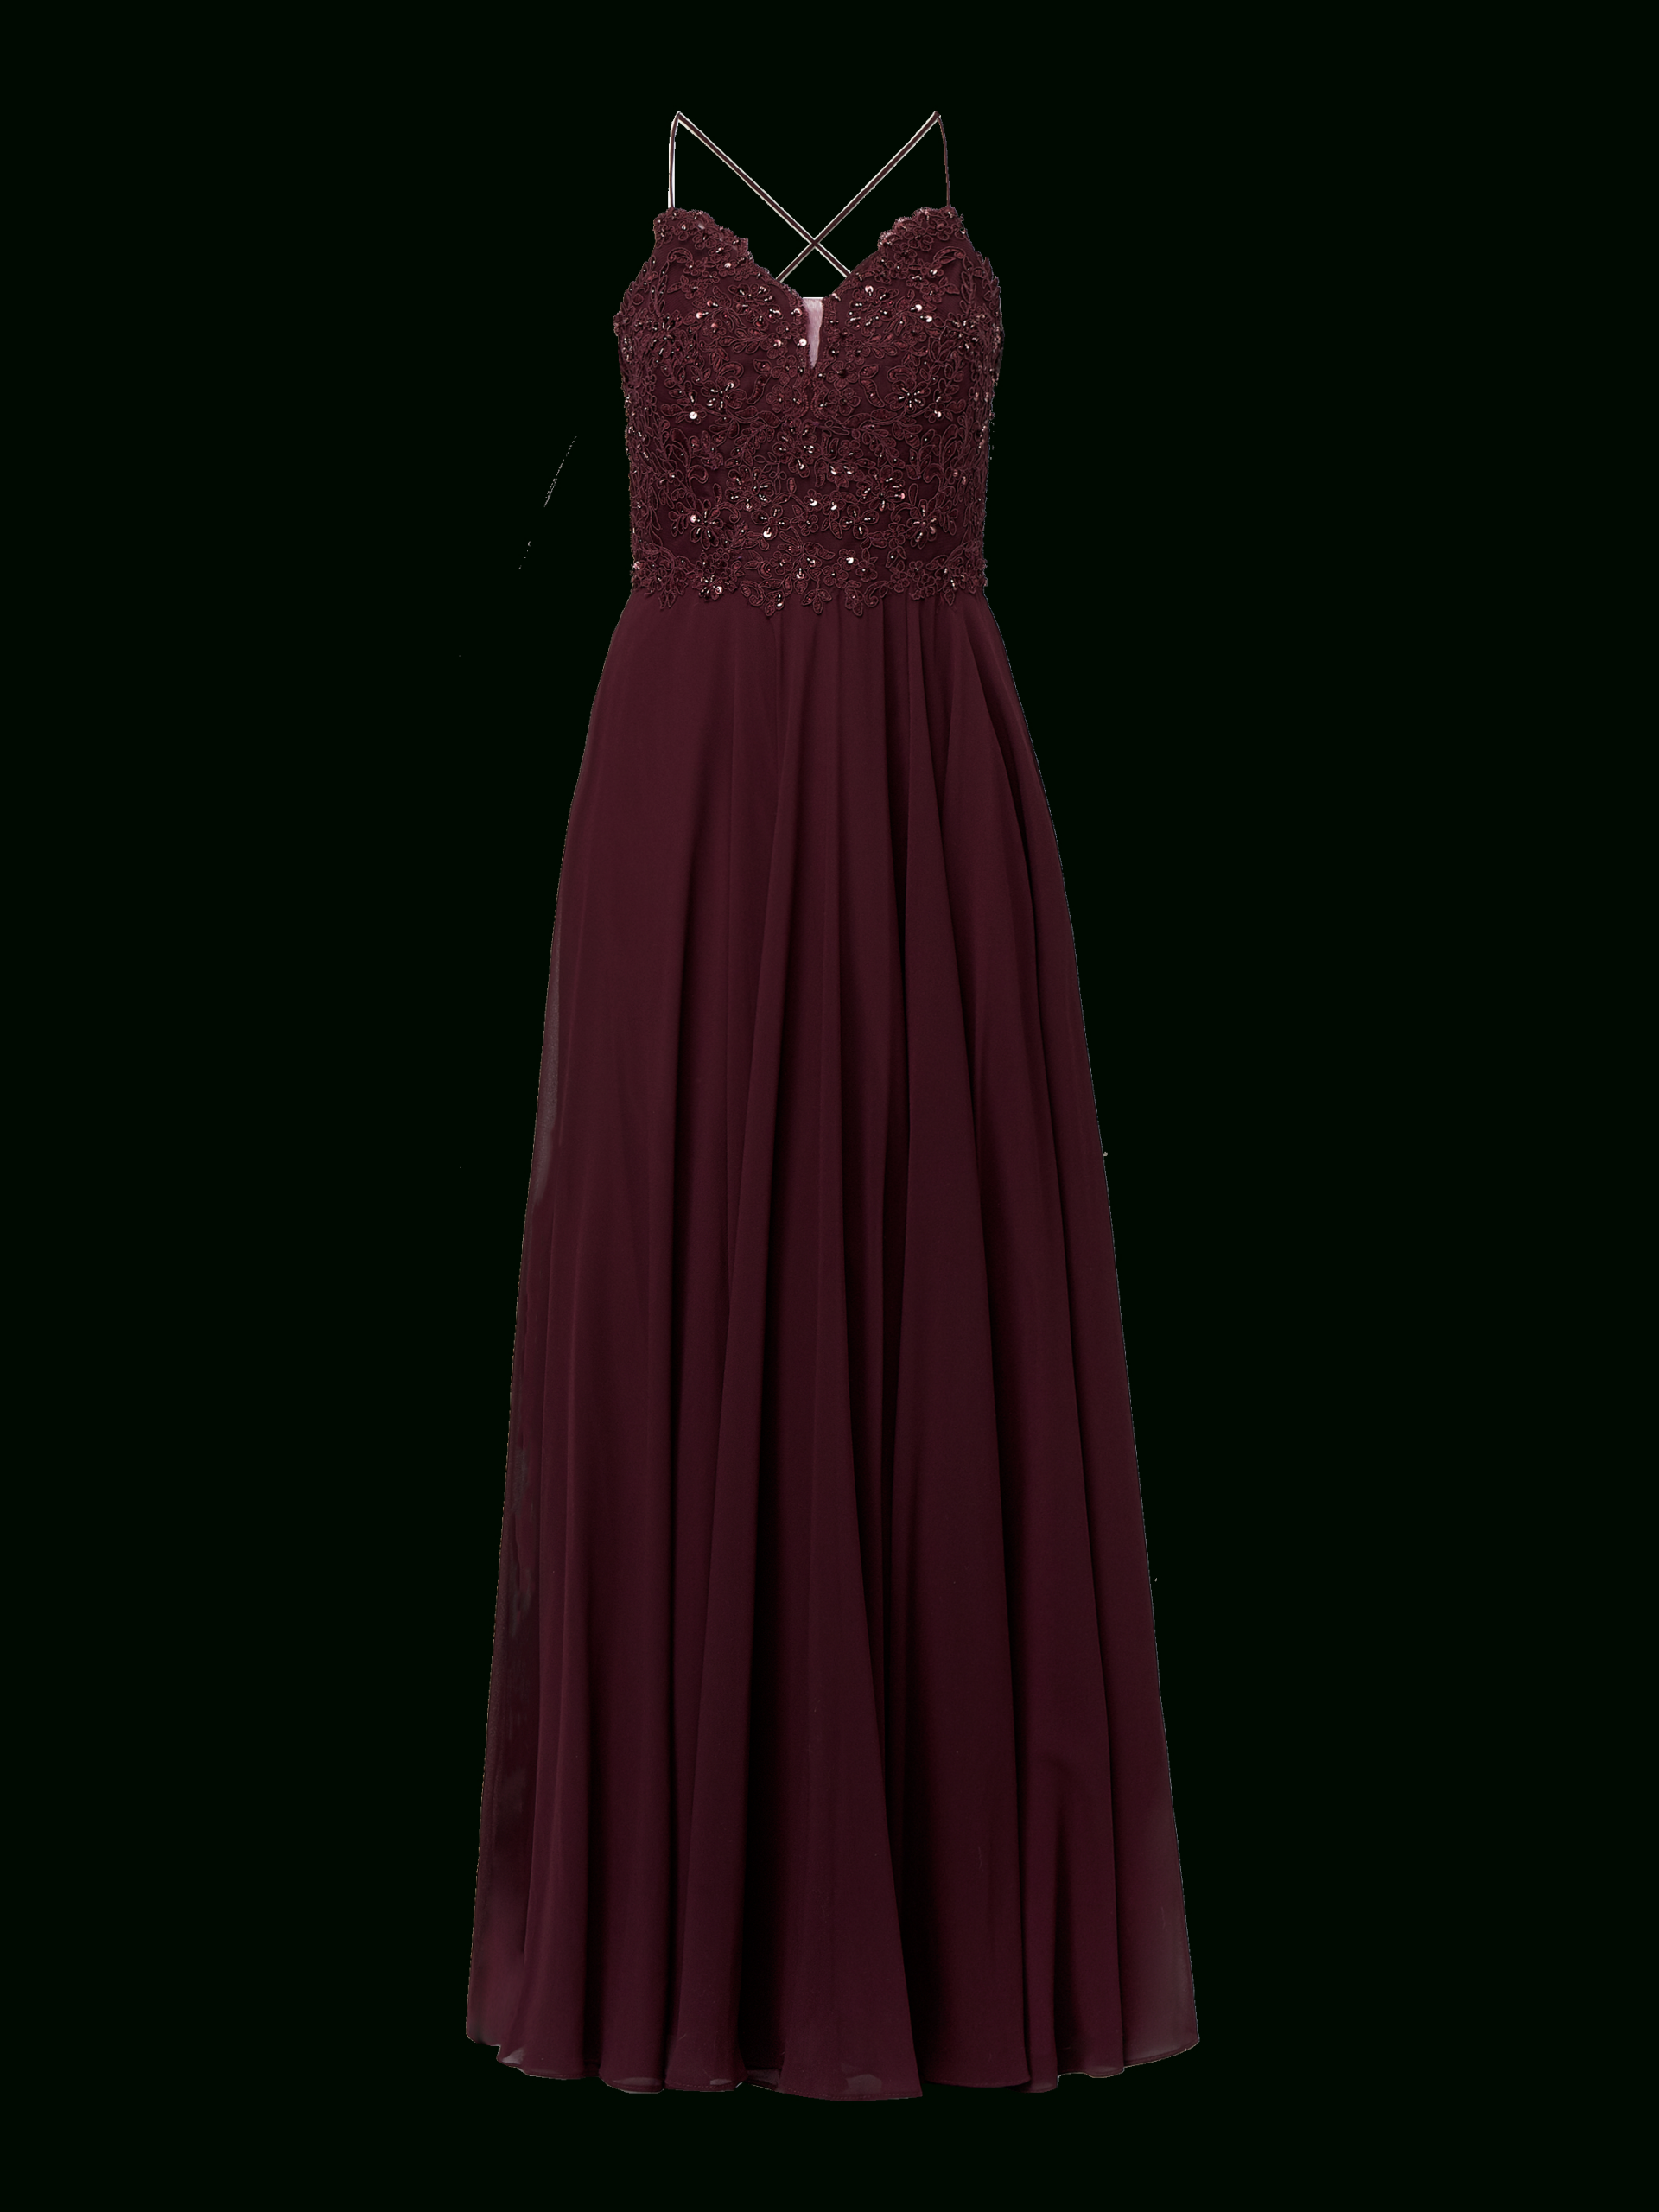 Designer Einzigartig P&C Abend Kleid BoutiqueAbend Schön P&C Abend Kleid Spezialgebiet